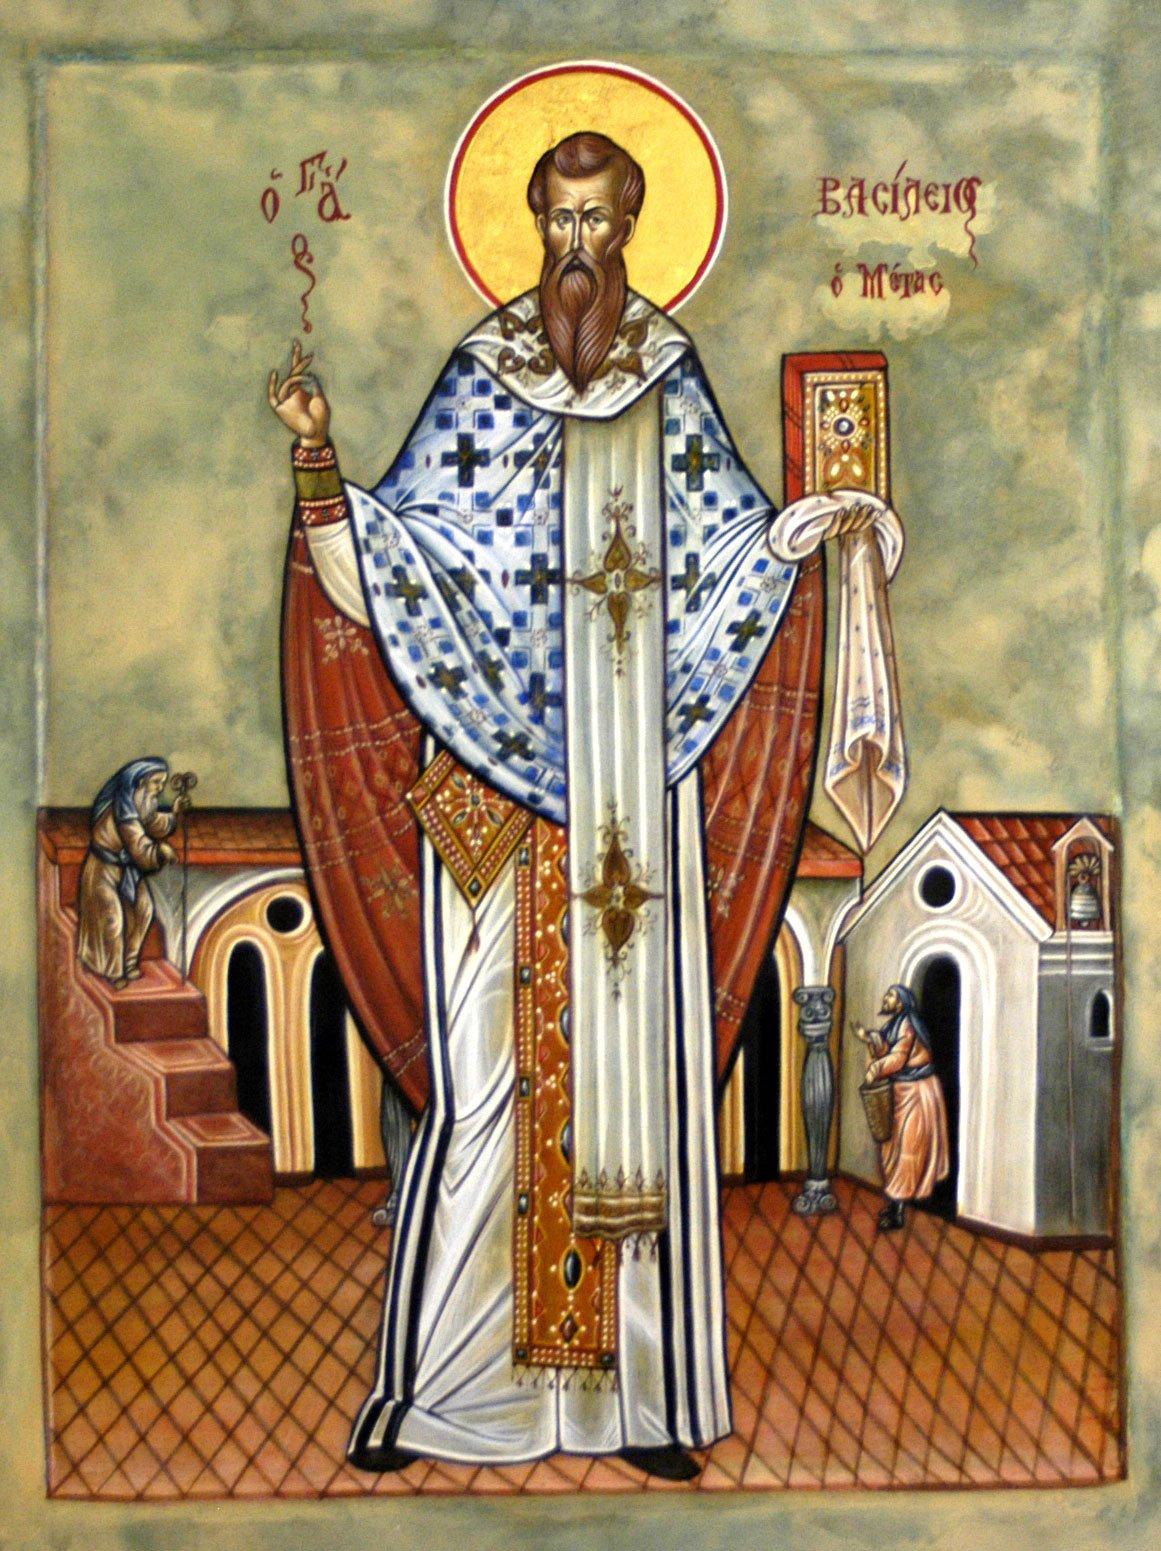 Τι λένε οι Άγιοι της Πίστεώς μας για τον Πάπα και τους Καθολικούς;